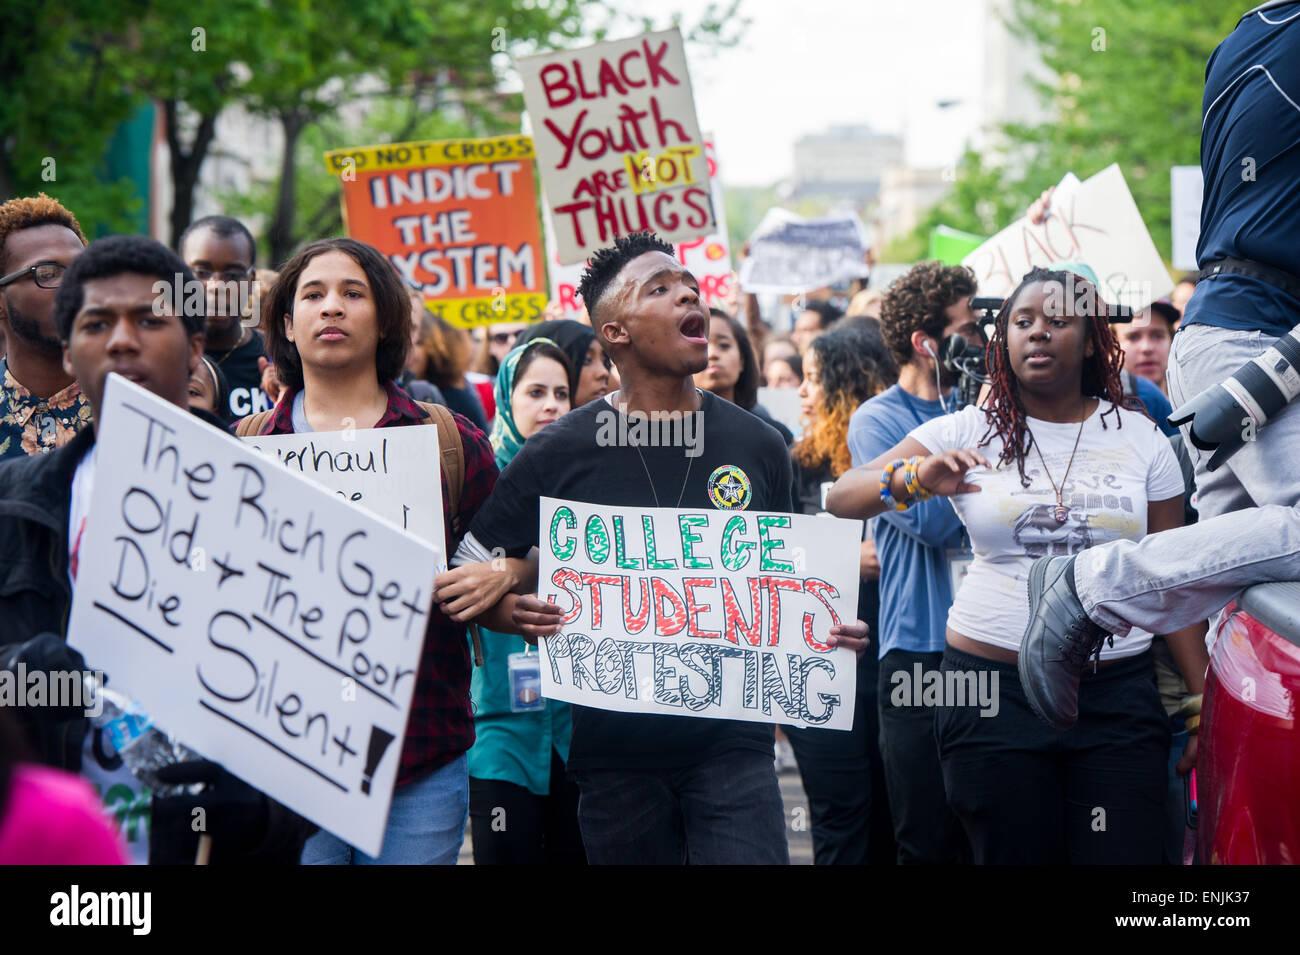 Dimostrazione di Baltimora marcia di protesta dopo Freddie morte grigio Immagini Stock